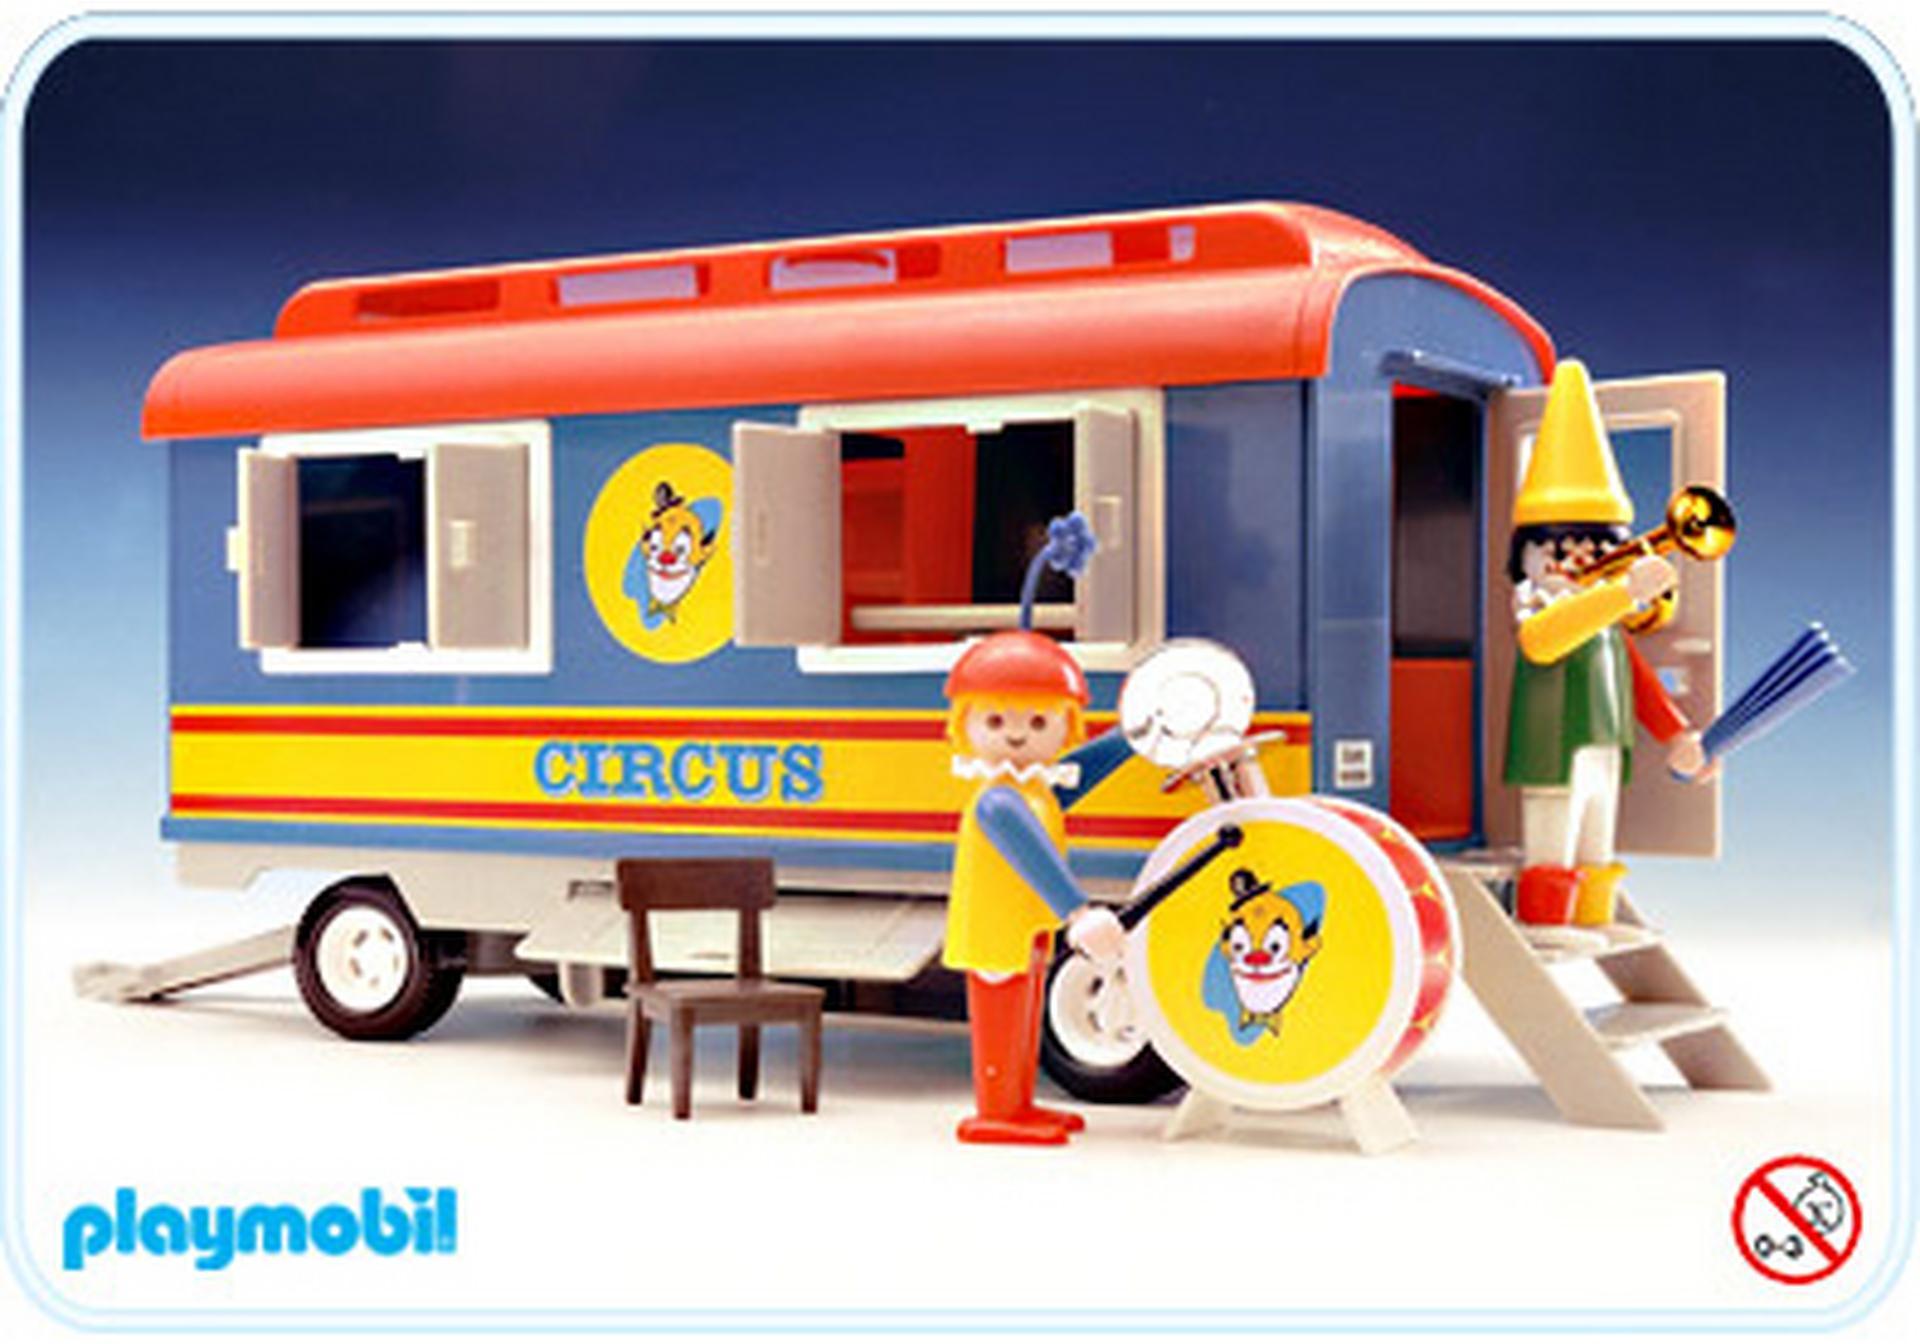 Zirkus wohnwagen 3477 a playmobil deutschland for Jugendzimmer playmobil